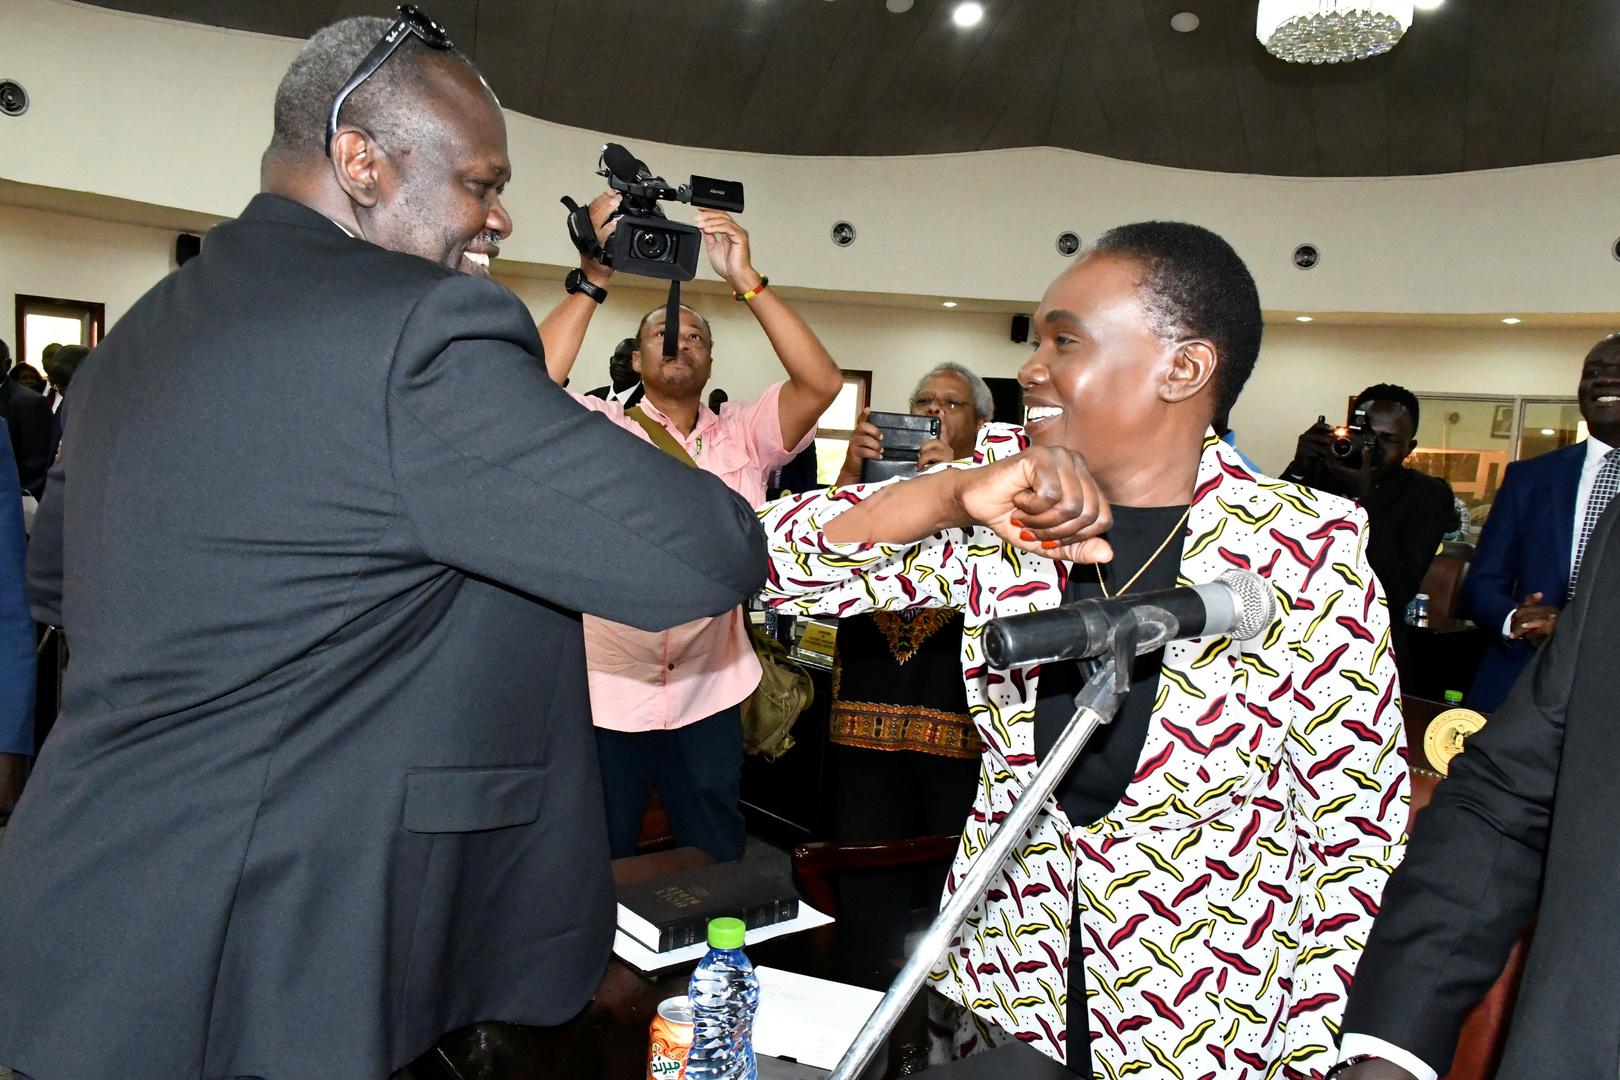 نائب رئيس جنوب السودان رياك مشار مع زوجته أنجيلينا تيني، وزيرة الدفاع